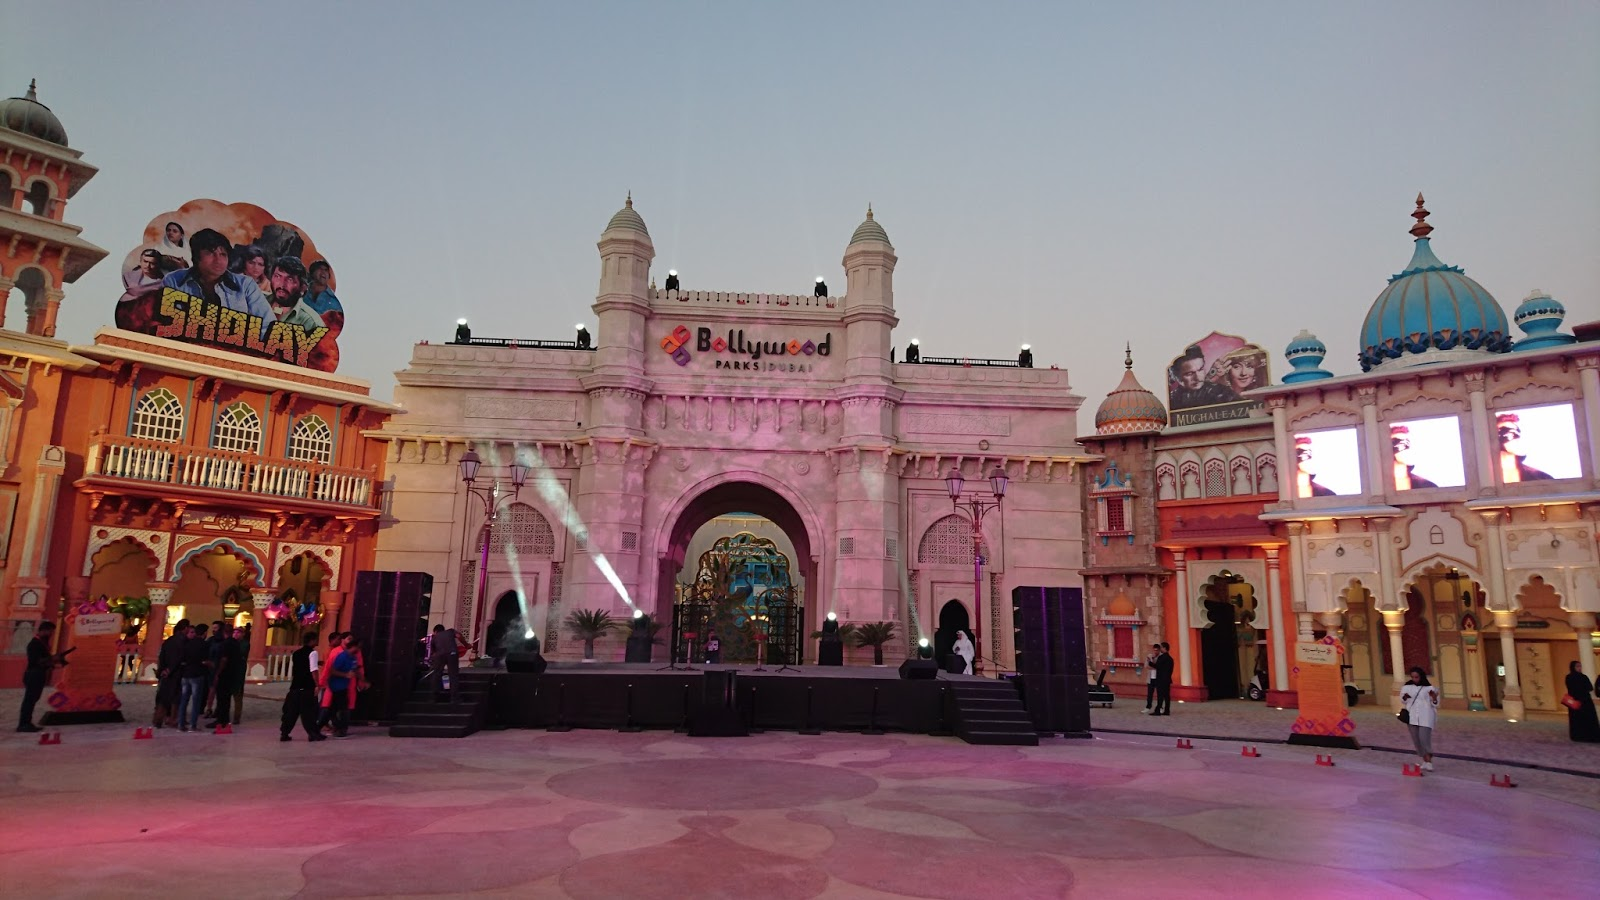 صوره اماكن سياحية في دبي للعائلات , افضل الاماكن السياحيه في دبي للعوائل